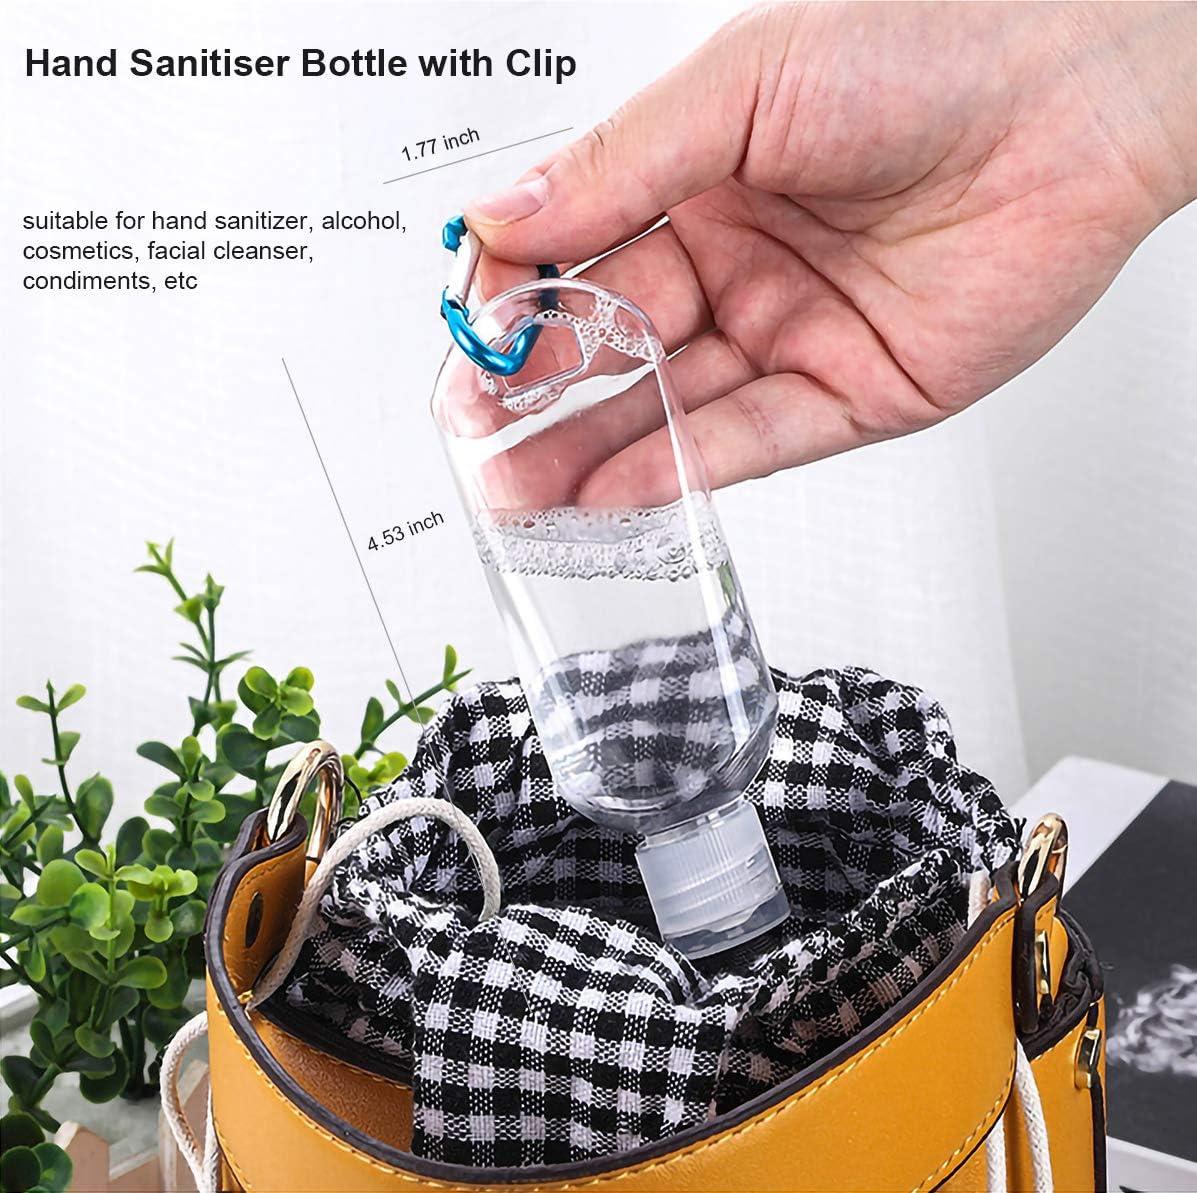 ni/ños botellas recargables de 50 ml escuela botellas de pl/ástico vac/ías para exteriores Botella desinfectante de mano con clip recipientes de viaje para cosm/éticos